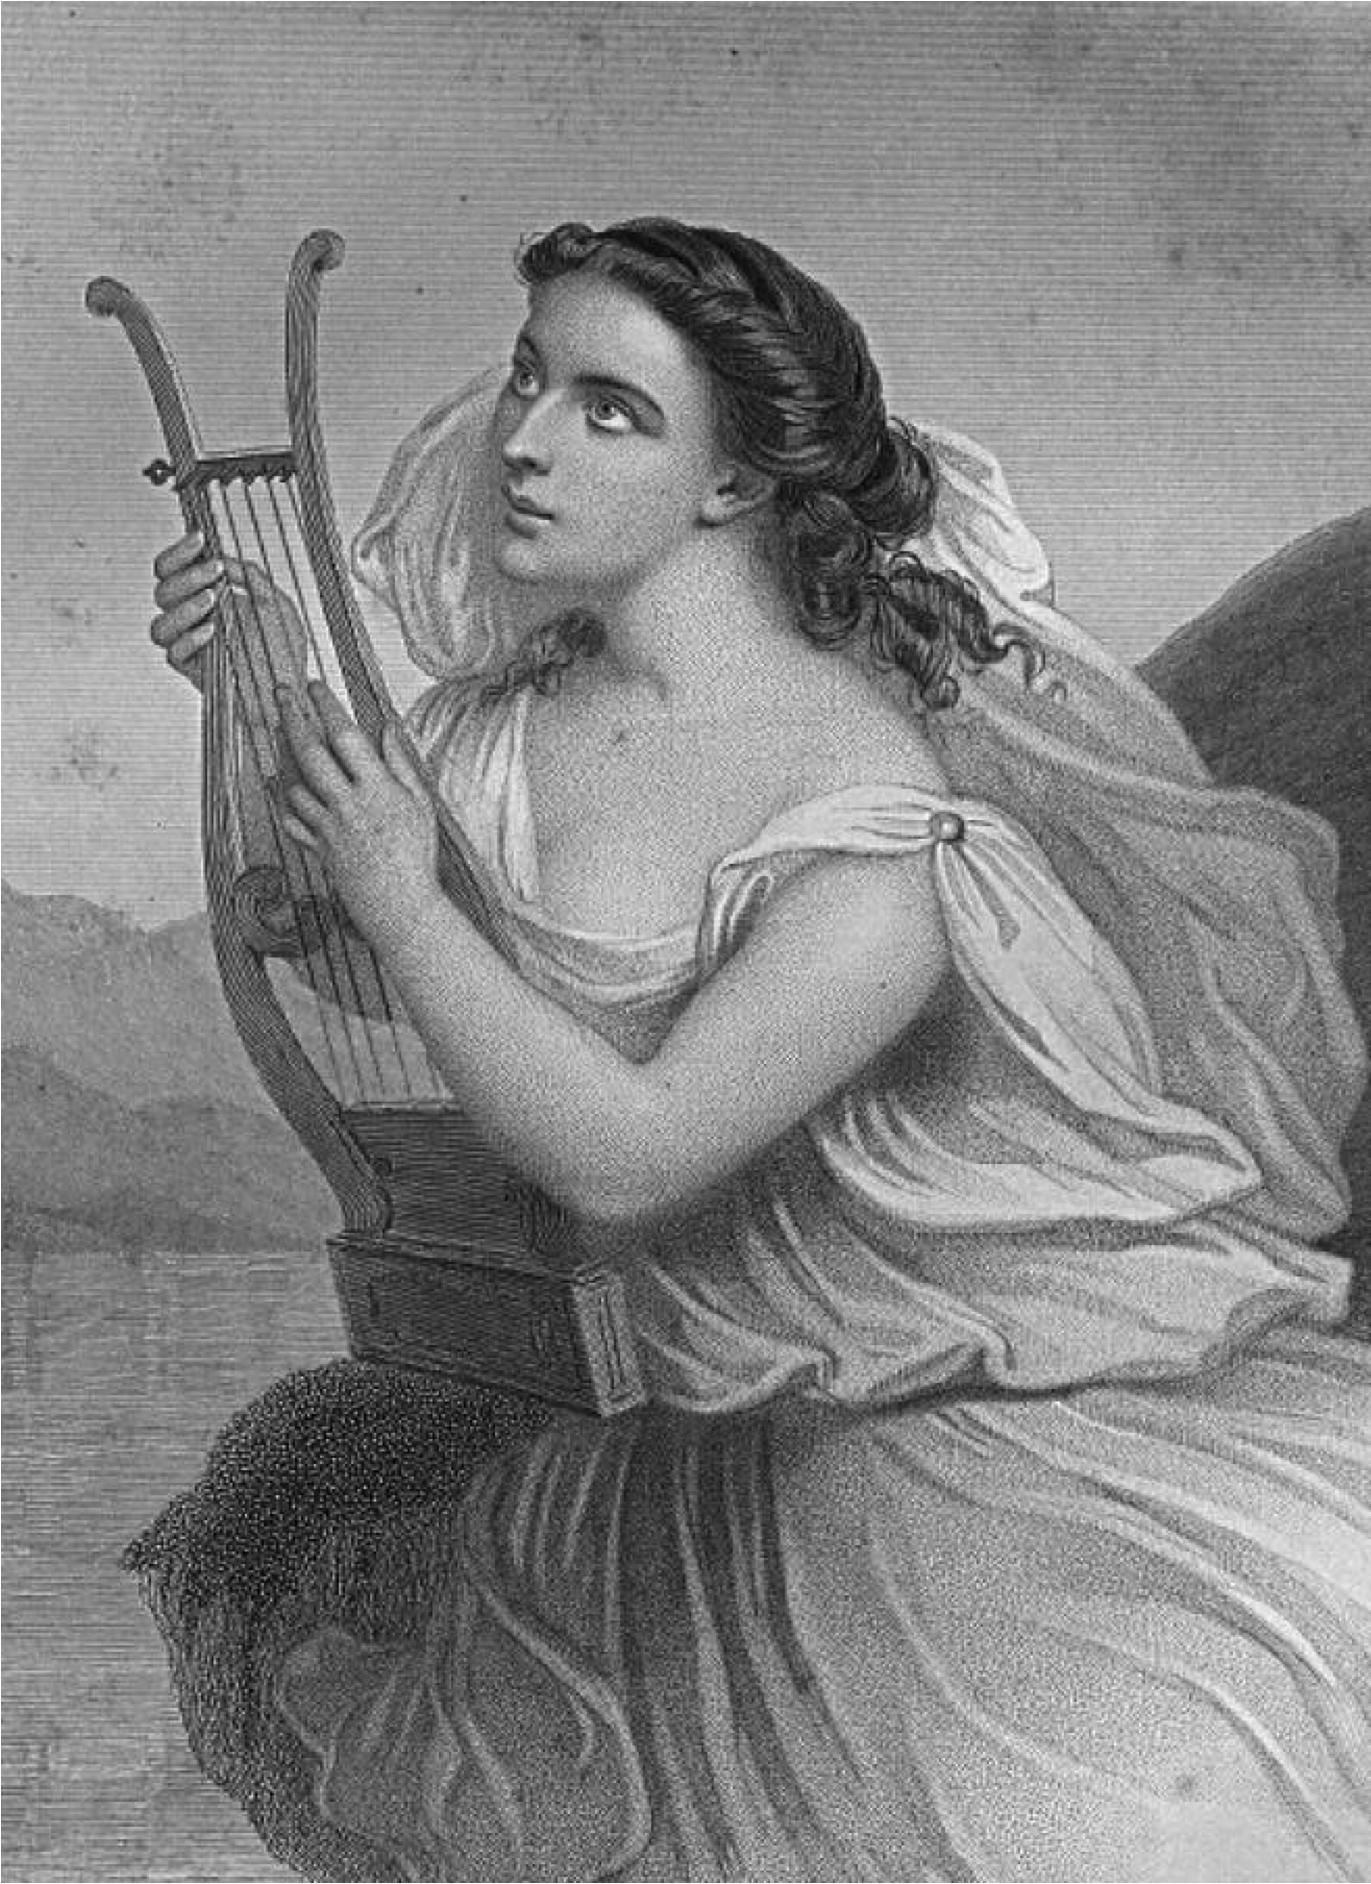 Lesbos, île grecque de la Mer Égée connue pour sa poétesse Sappho